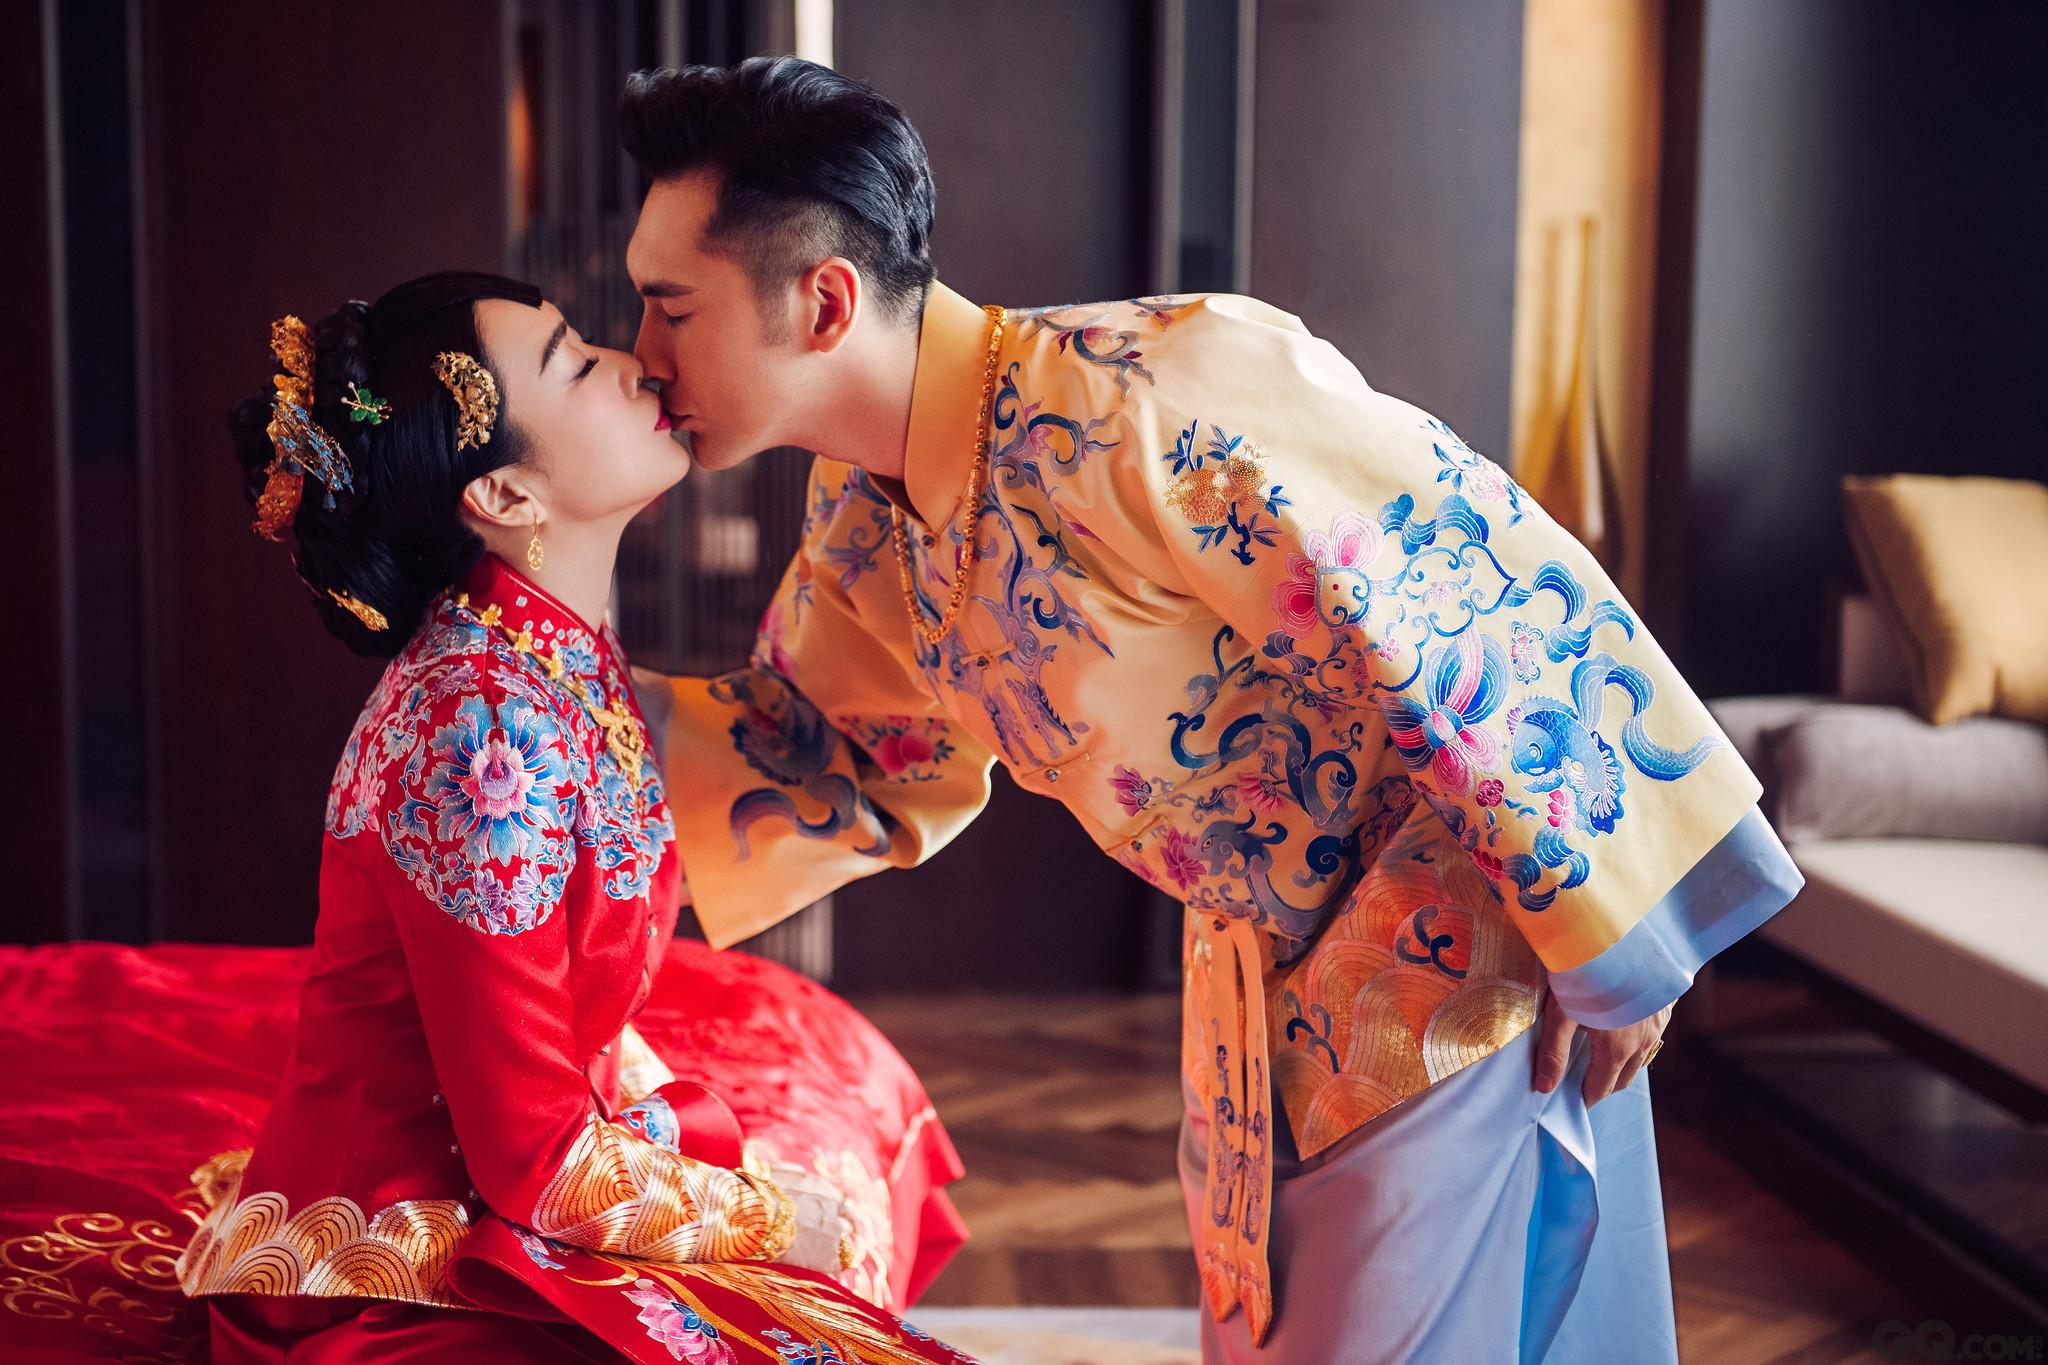 """日前,46岁""""性感女神""""钟丽缇和小12岁男友张伦硕的婚礼在北京举行,婚礼以""""人鱼夫妇回来了""""为主题,大海般蓝色布景,鲸鱼、水母等玩偶布置突出海洋元素。"""